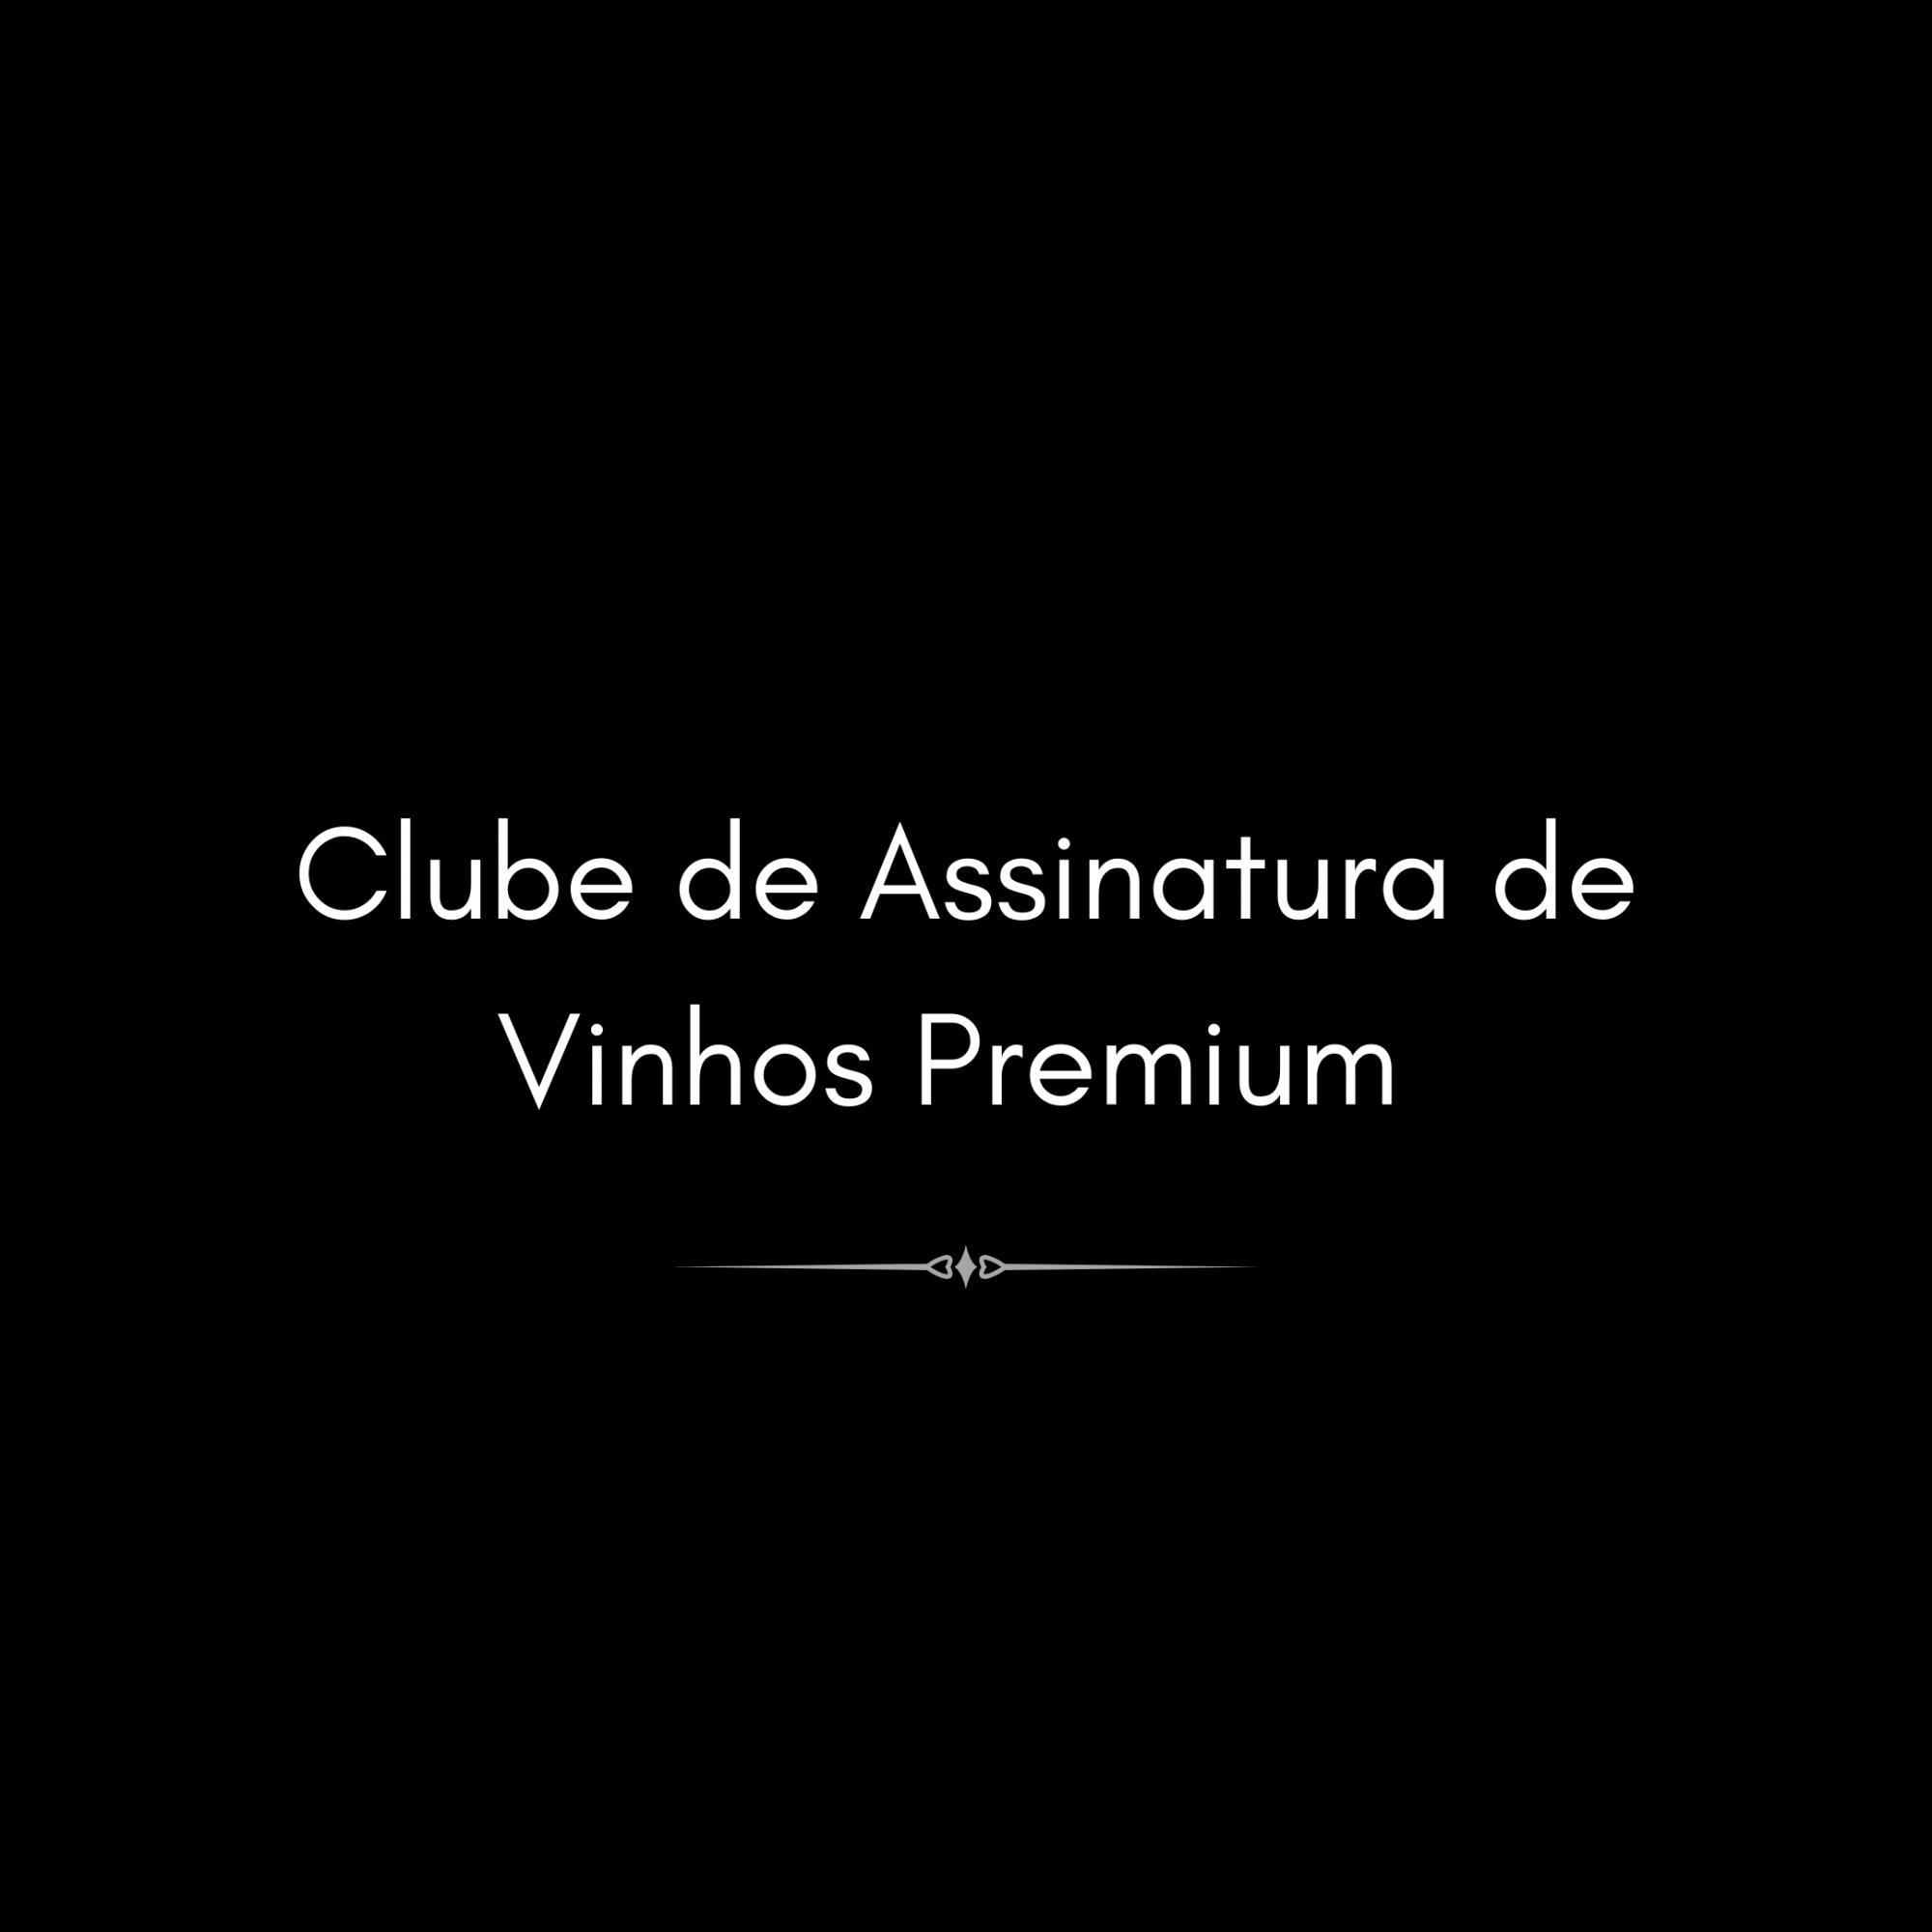 PREMIUM WINES SIGNATURE | Assinatura Mensal Premium Confraria Dionysius